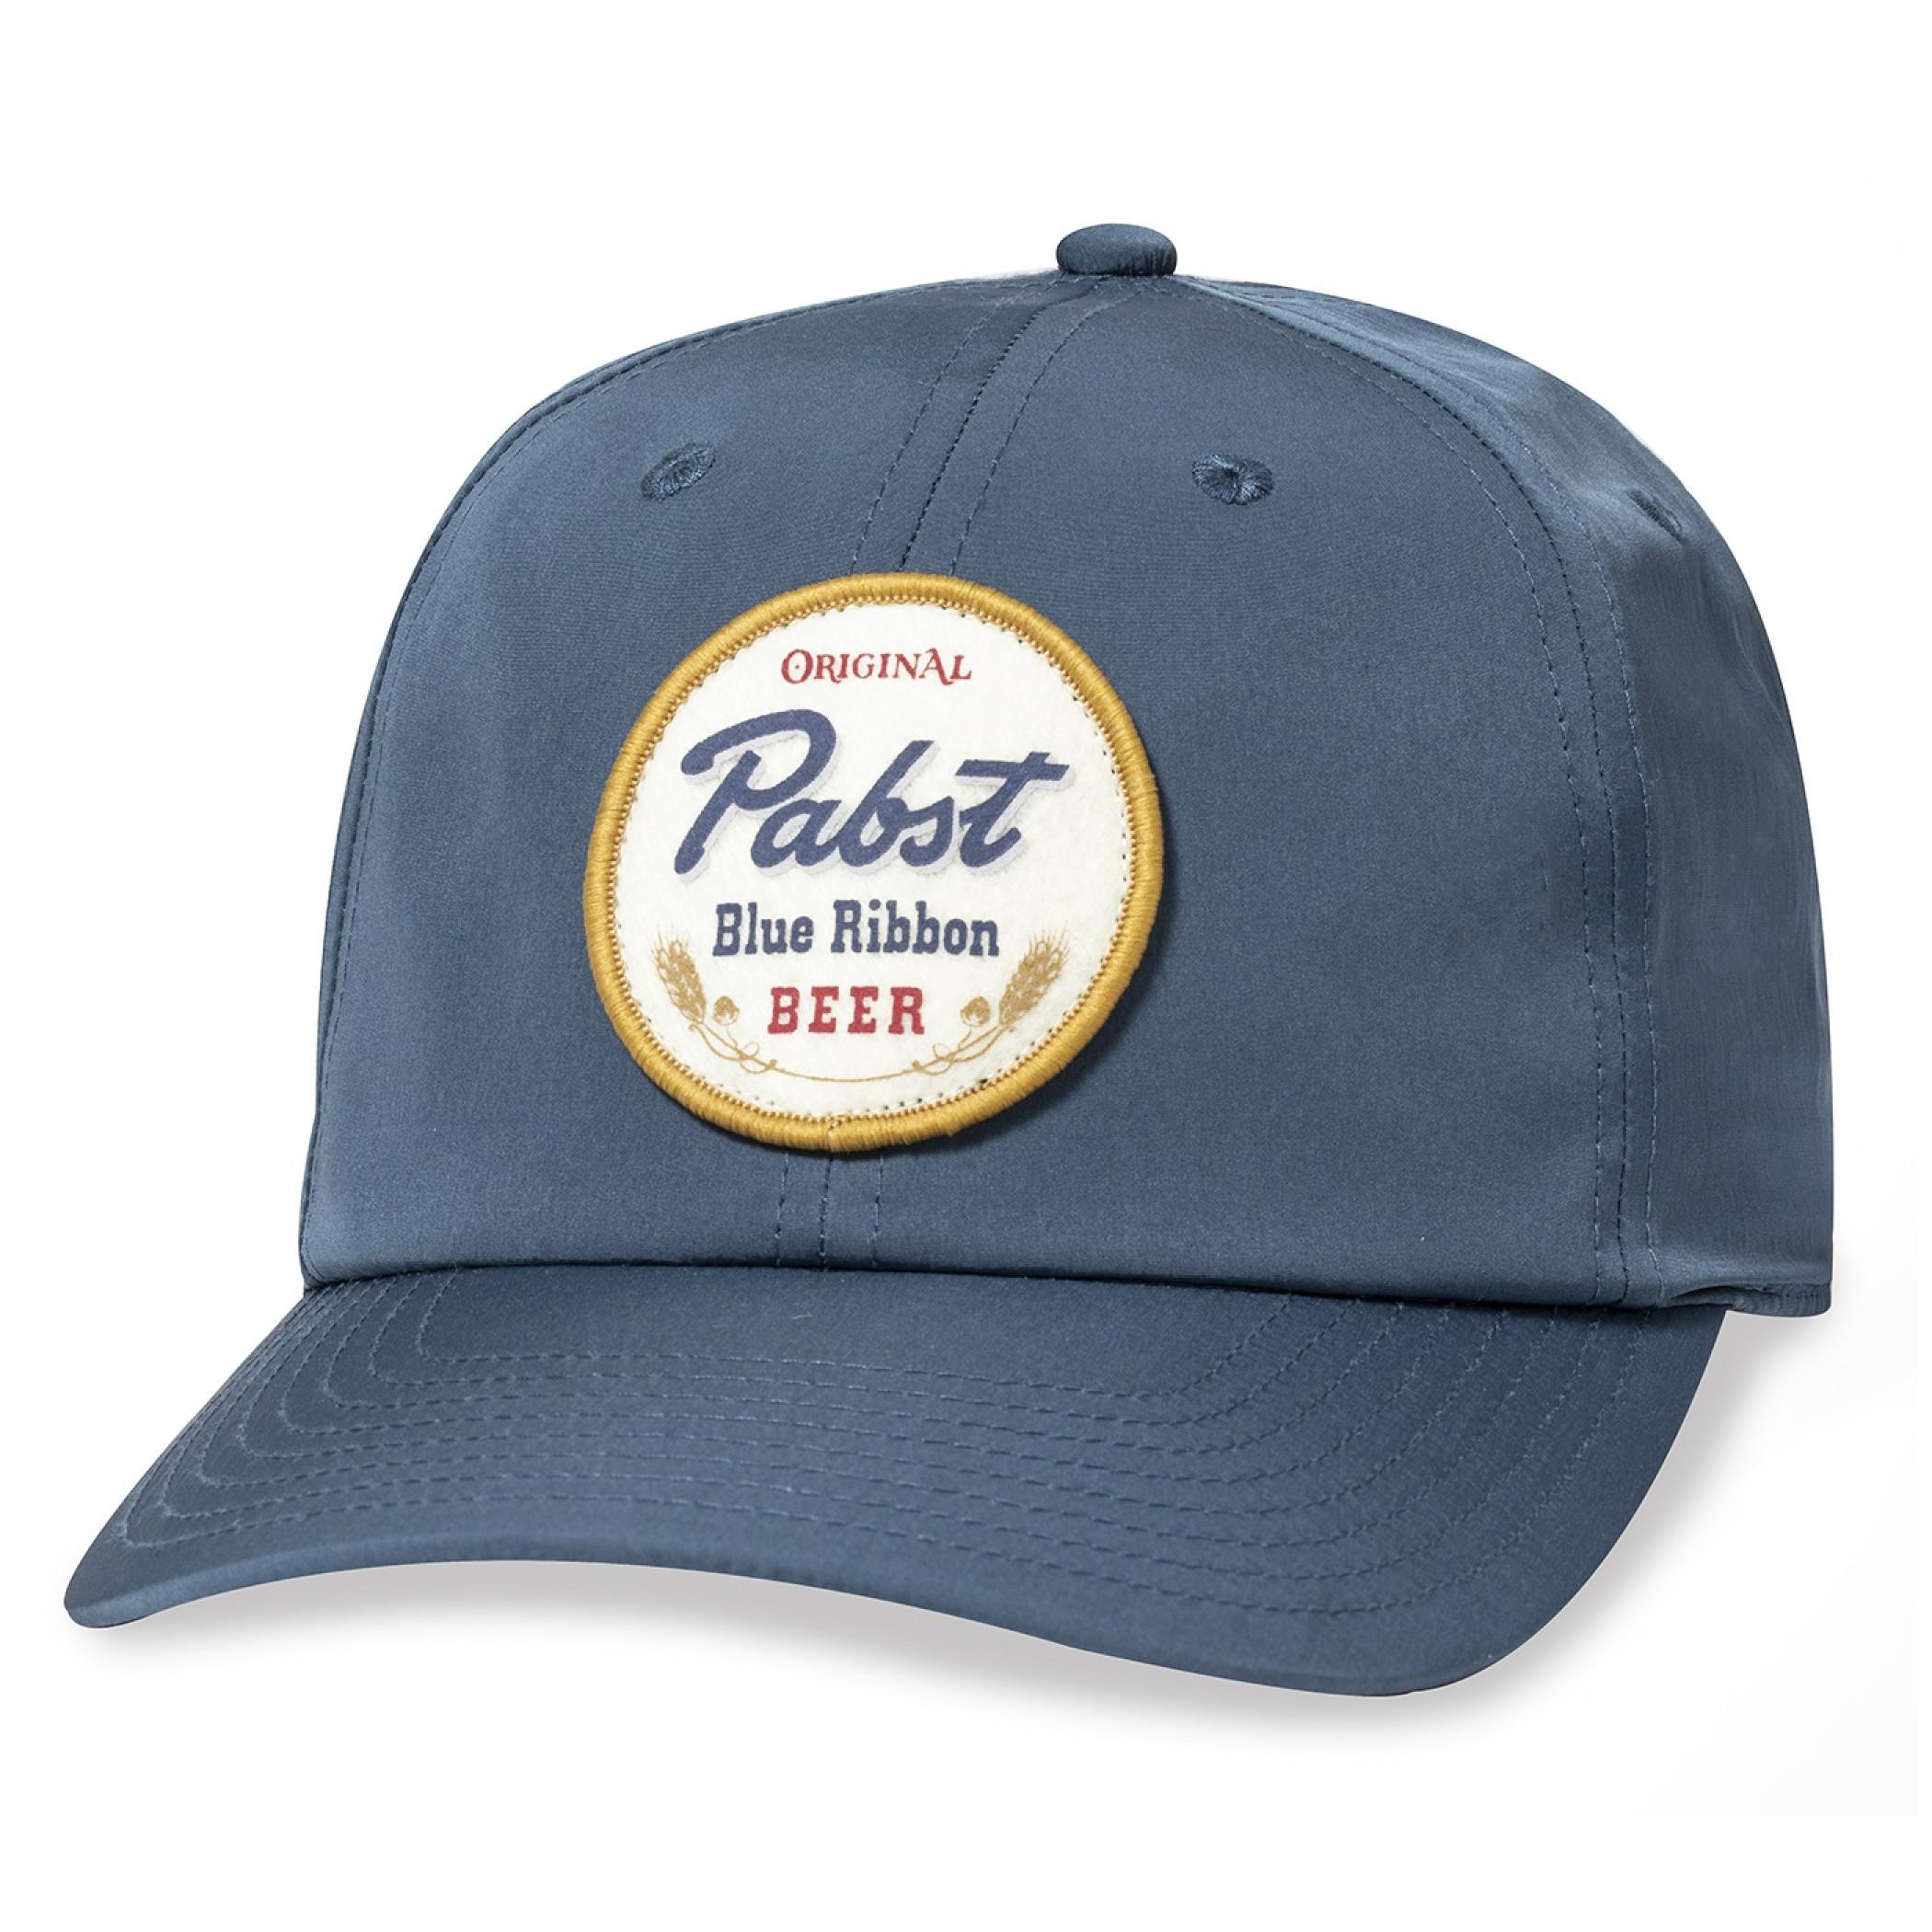 Original Pabst Blue Ribbon Beer Patch Adjustable Blue Snapback Hat